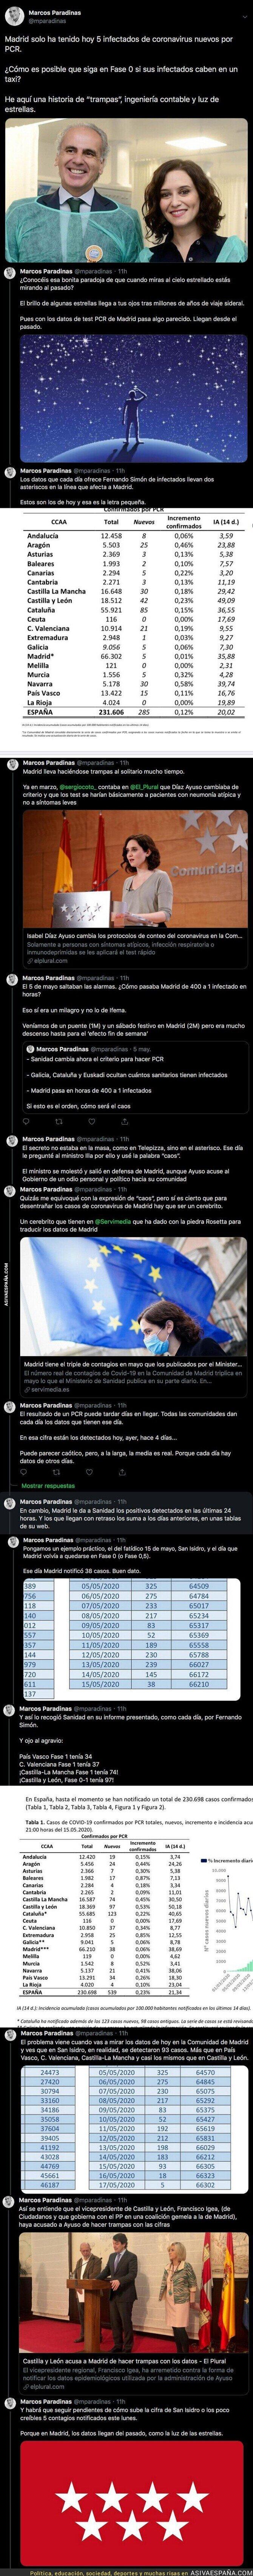 165816 - Un tuitero descubre como la Comunidad de Madrid está falseando datos de infectados en su región para pasar de fases y jugando con la salud pública